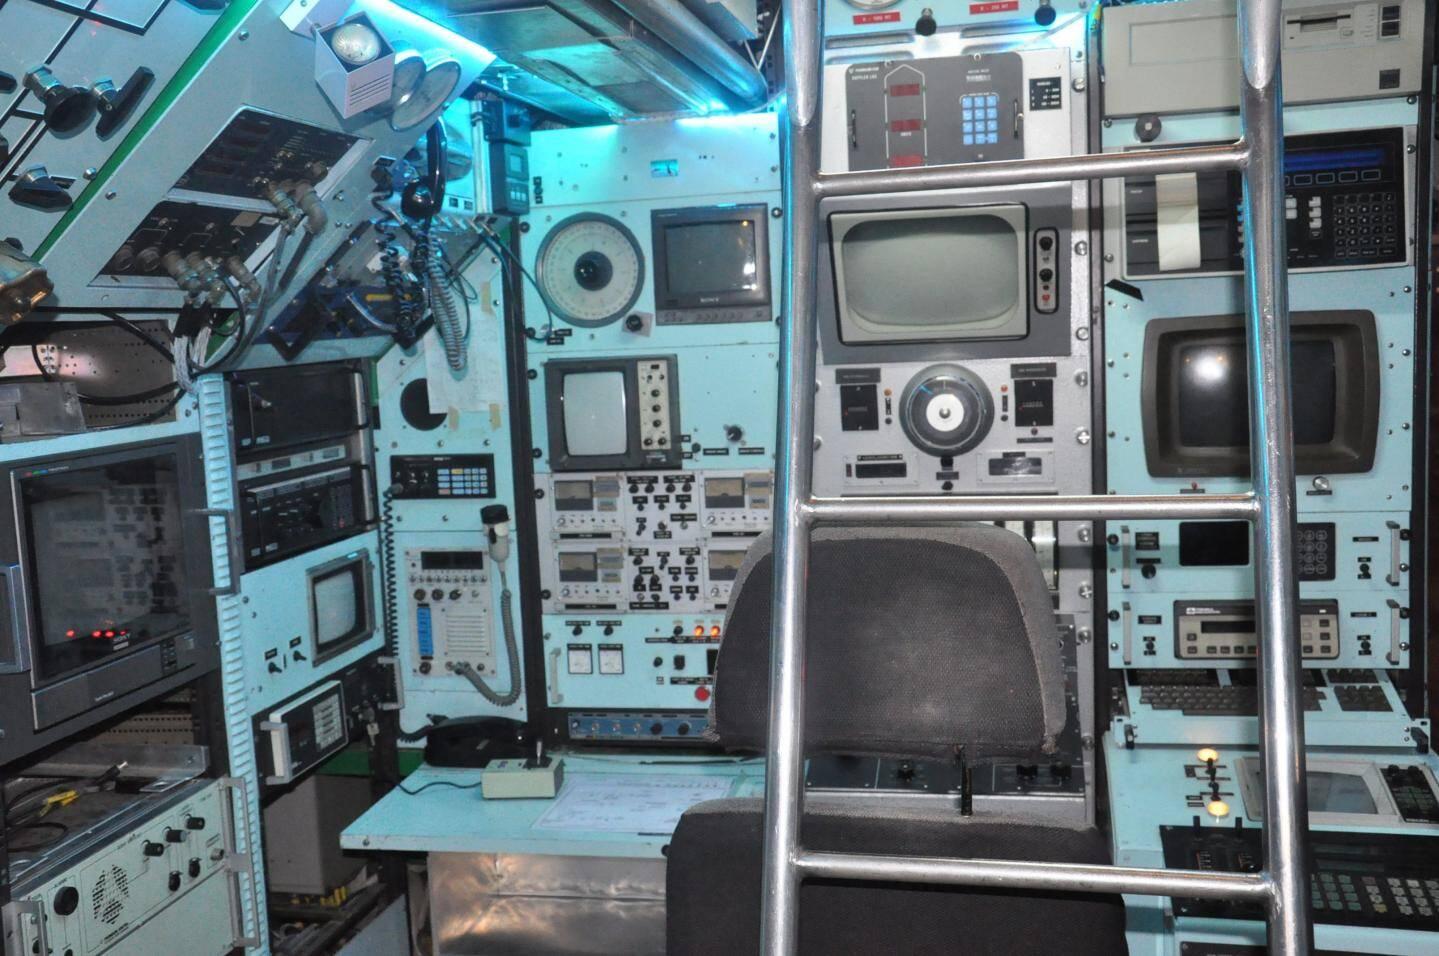 Il était possible de stocker dans le Saga autant d'énergie que dans les batteries d'un sous-marin militaire conventionnel de 2 000 tonnes ! L'autonomie importante qui en découle est obtenue par l'utilisation de  moteurs thermiques anaérobies de type Stirling et du stockage de l'oxygène en phase liquide, la forme la plus dense qui soit.